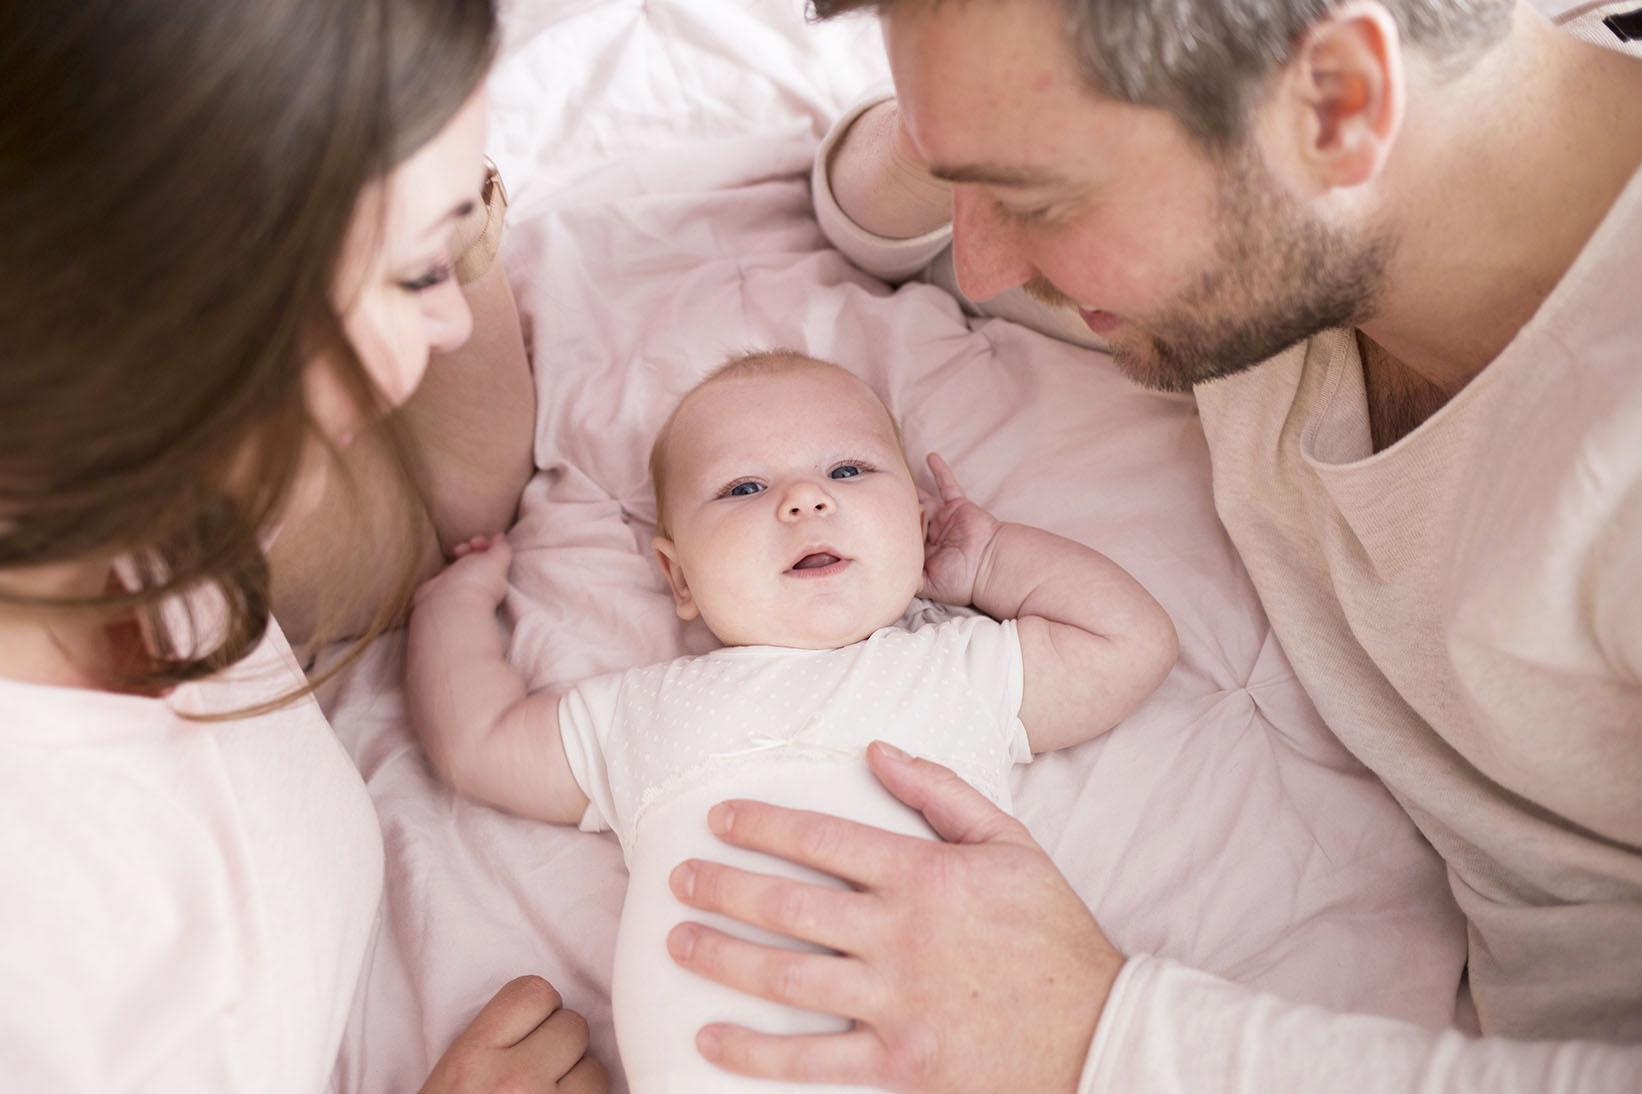 """'Zo natuurlijk en fijn' - """"Iedereen waarschuwde me al dat de tijd veel sneller gaat wanneer je moeder bent, en dat is ook echt zo! Niet alleen de tijd gaat super snel, maar je kleine baby verandert ook terwijl je naar hem/haar kijkt. Ze leren zo snel en het echte 'baby' is er zo af. Toen Jane 4 maanden was is Kiri bij ons geweest om wat foto's te maken. Kiri was zo ontspannen en gaat zo natuurlijk en fijn om met je baby. Daardoor waren de foto's zo goed gelukt! Echt fijn dat deze mooie momenten zo prachtig vastgelegd zijn door Kiri!"""" - Shana & Magchiel S."""